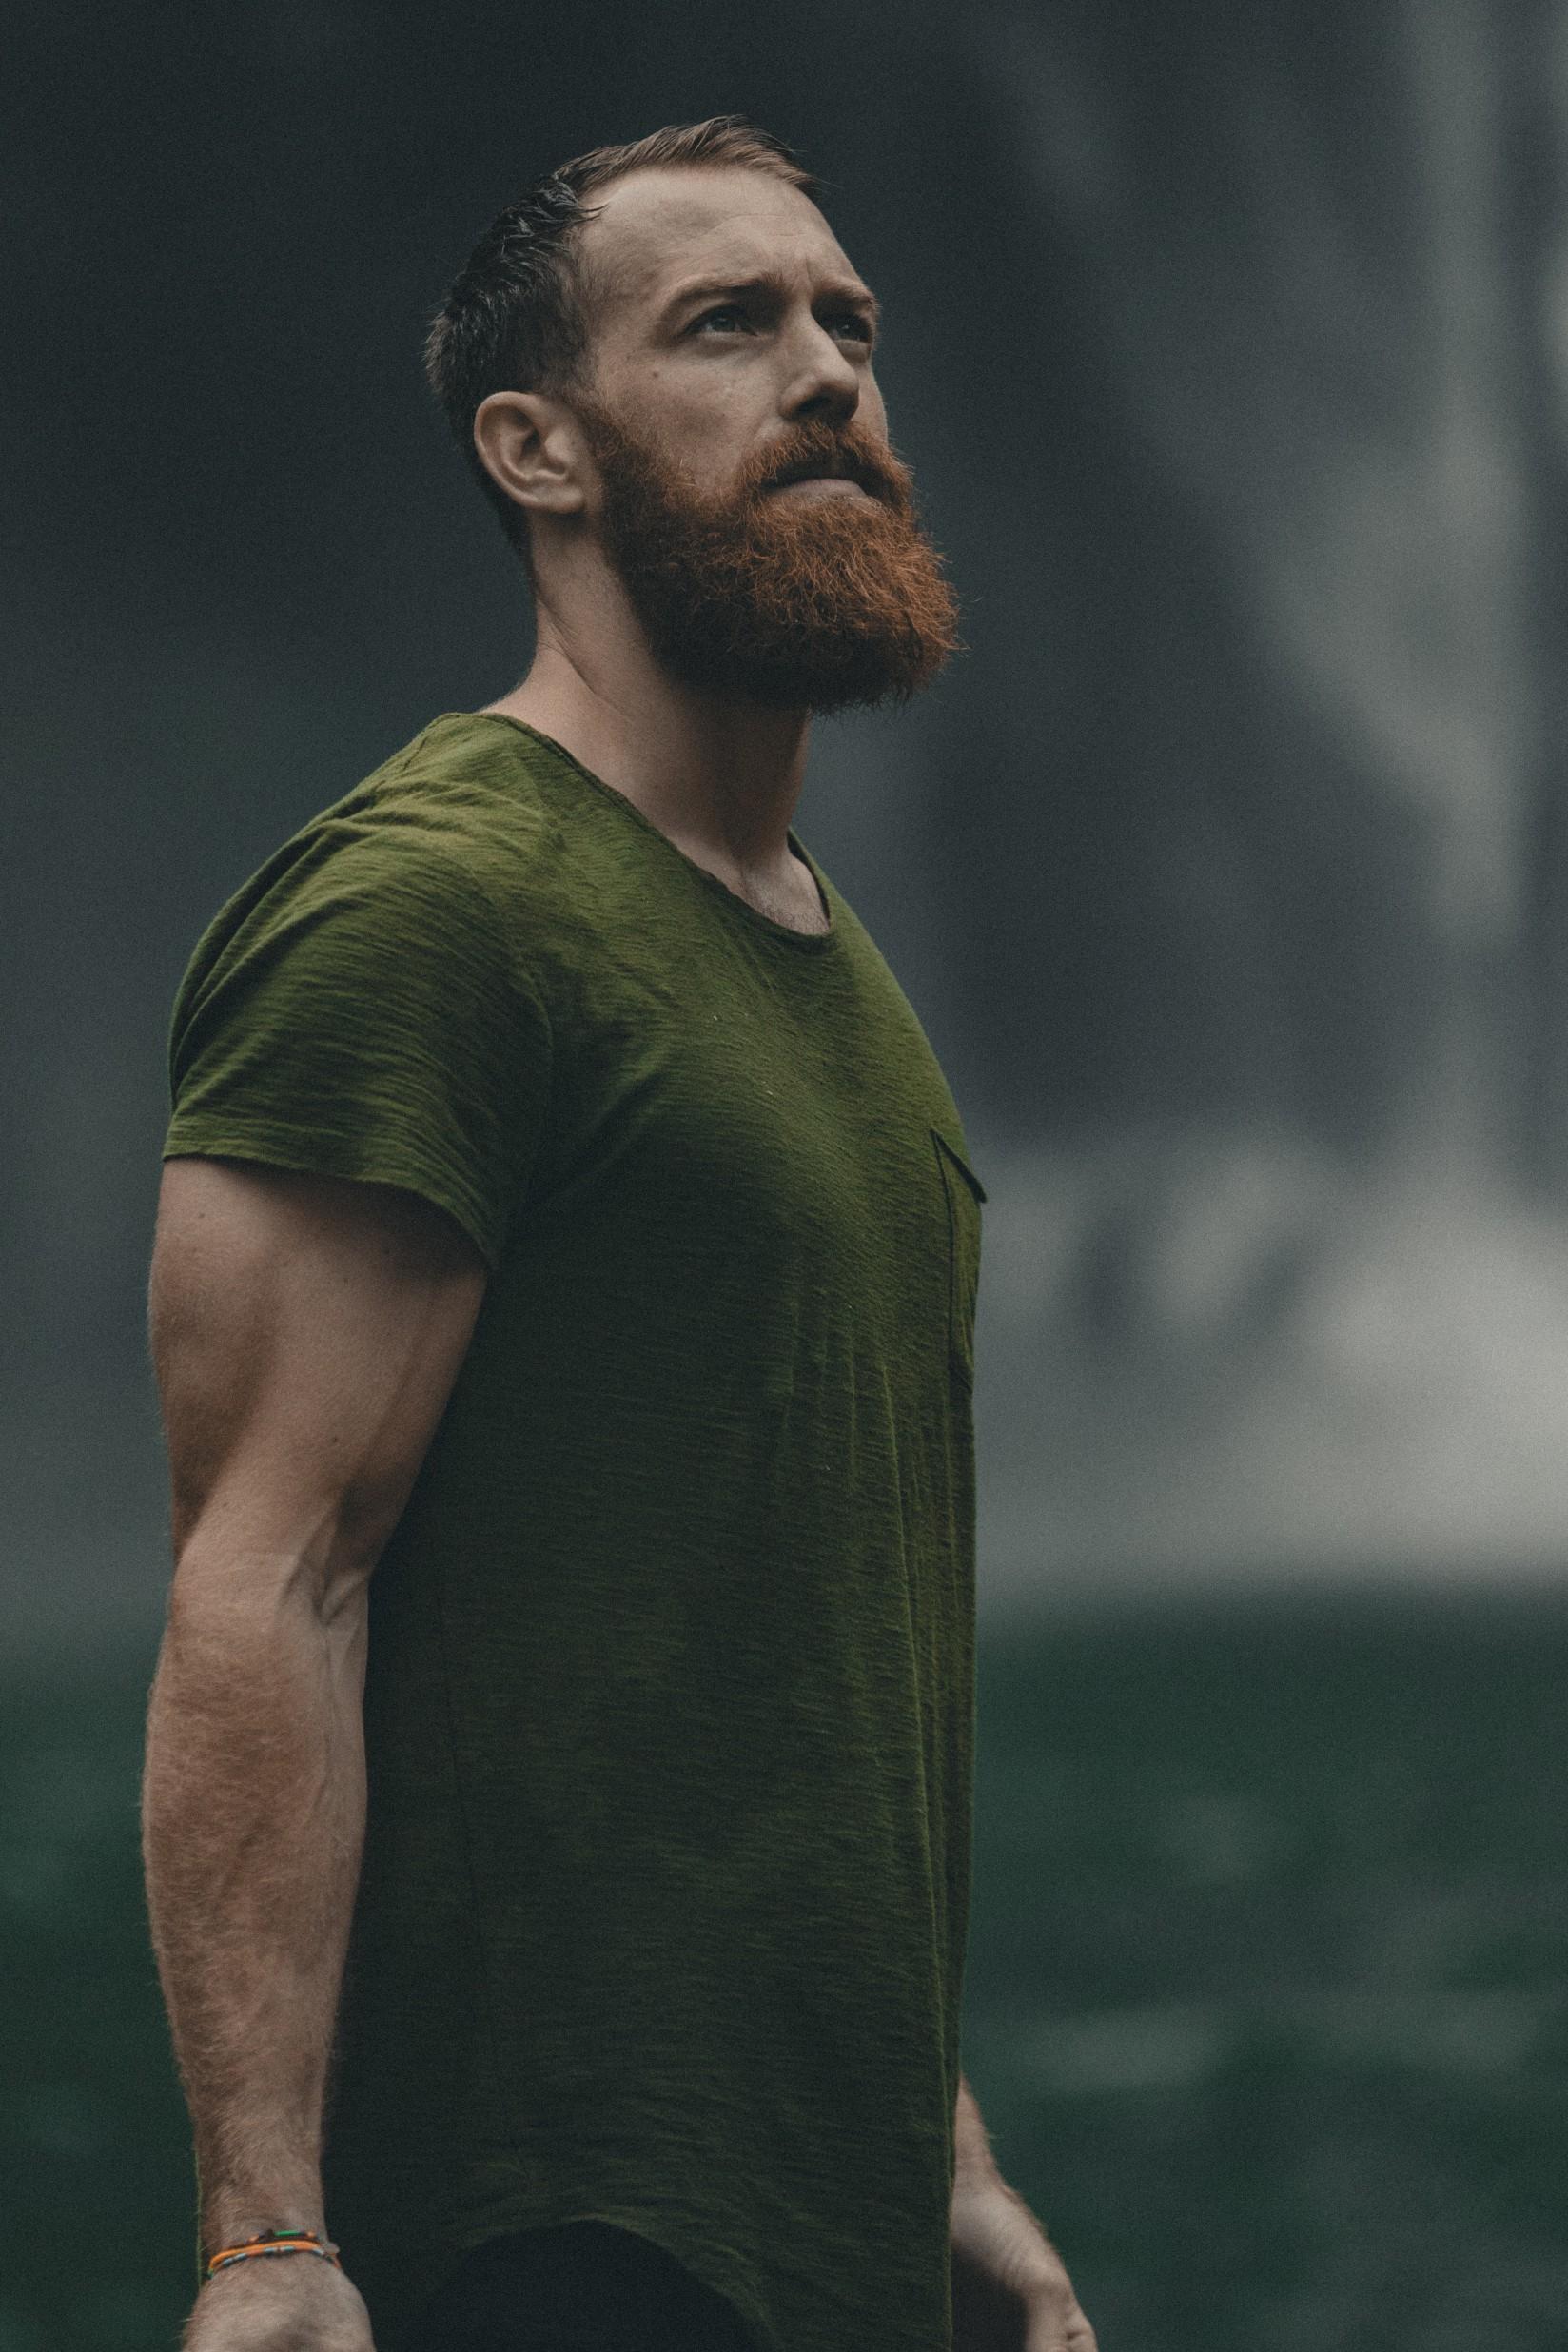 Rdečkasto rjava barva brade vsekakor ni napačna.